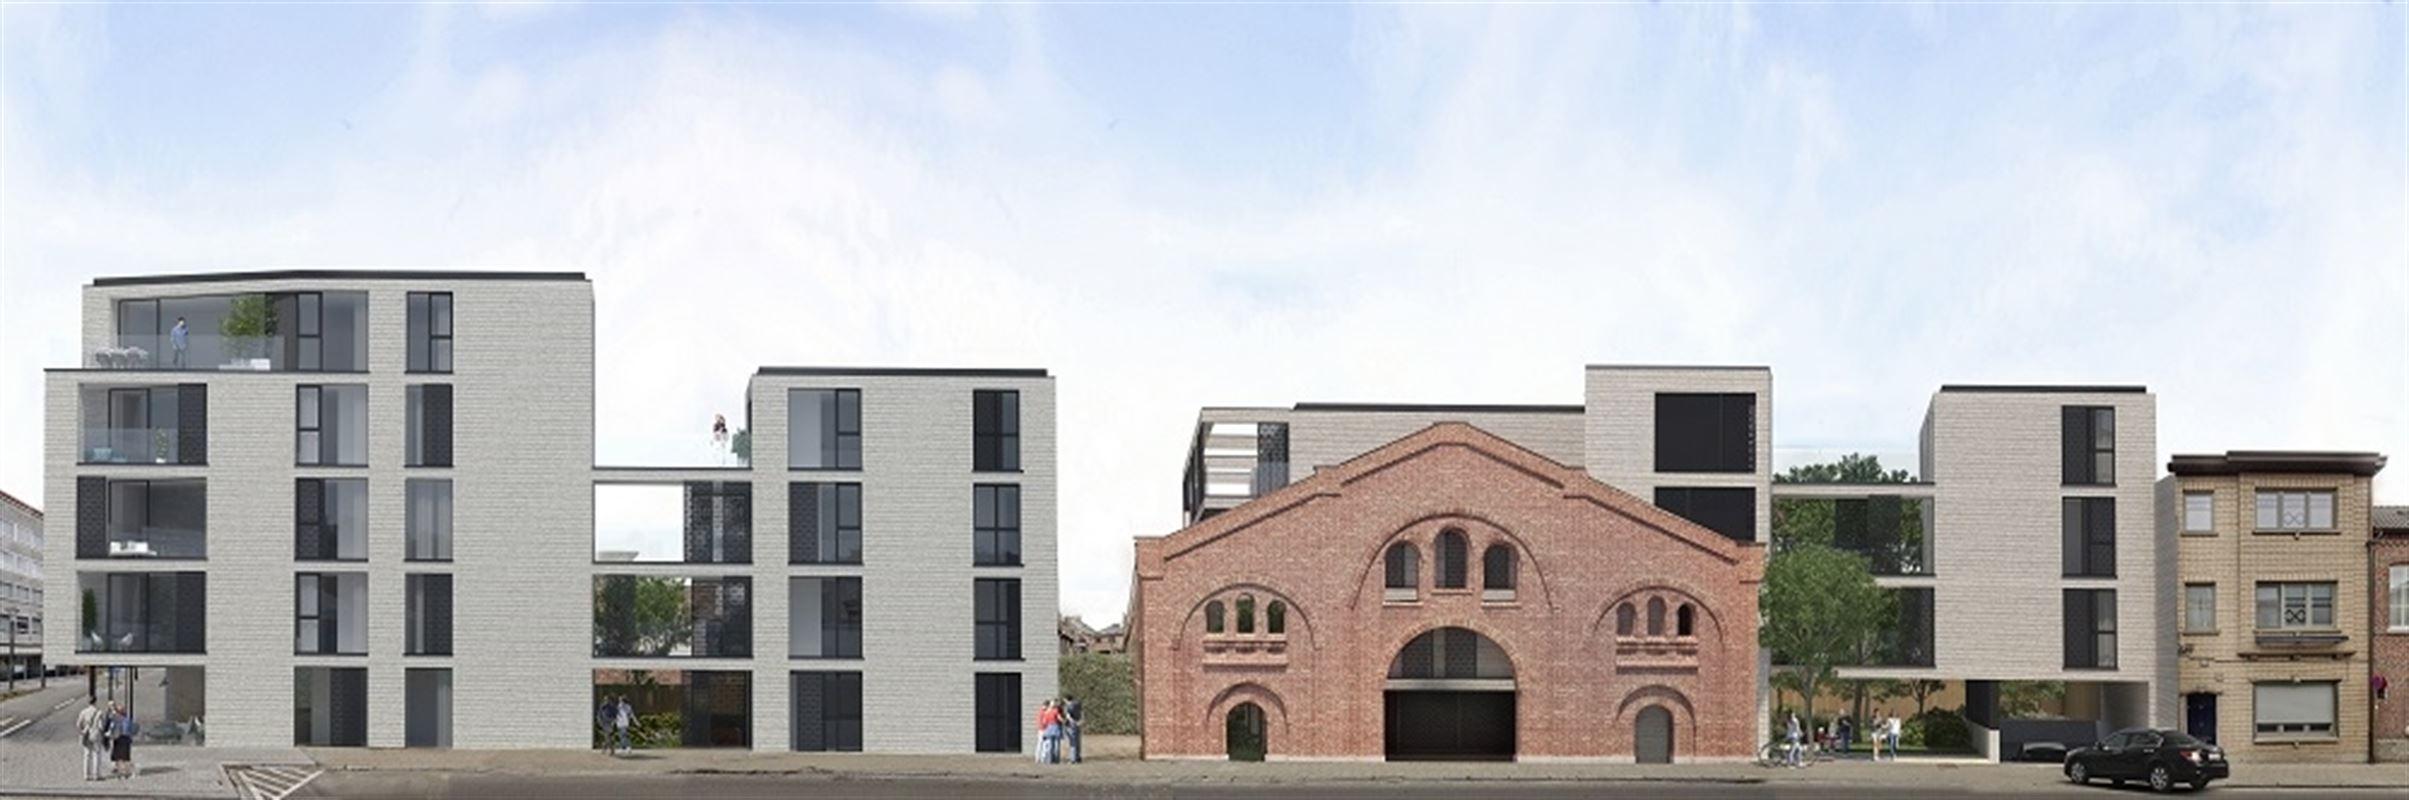 Foto 13 : Appartement te 3800 Sint-Truiden (België) - Prijs € 179.000